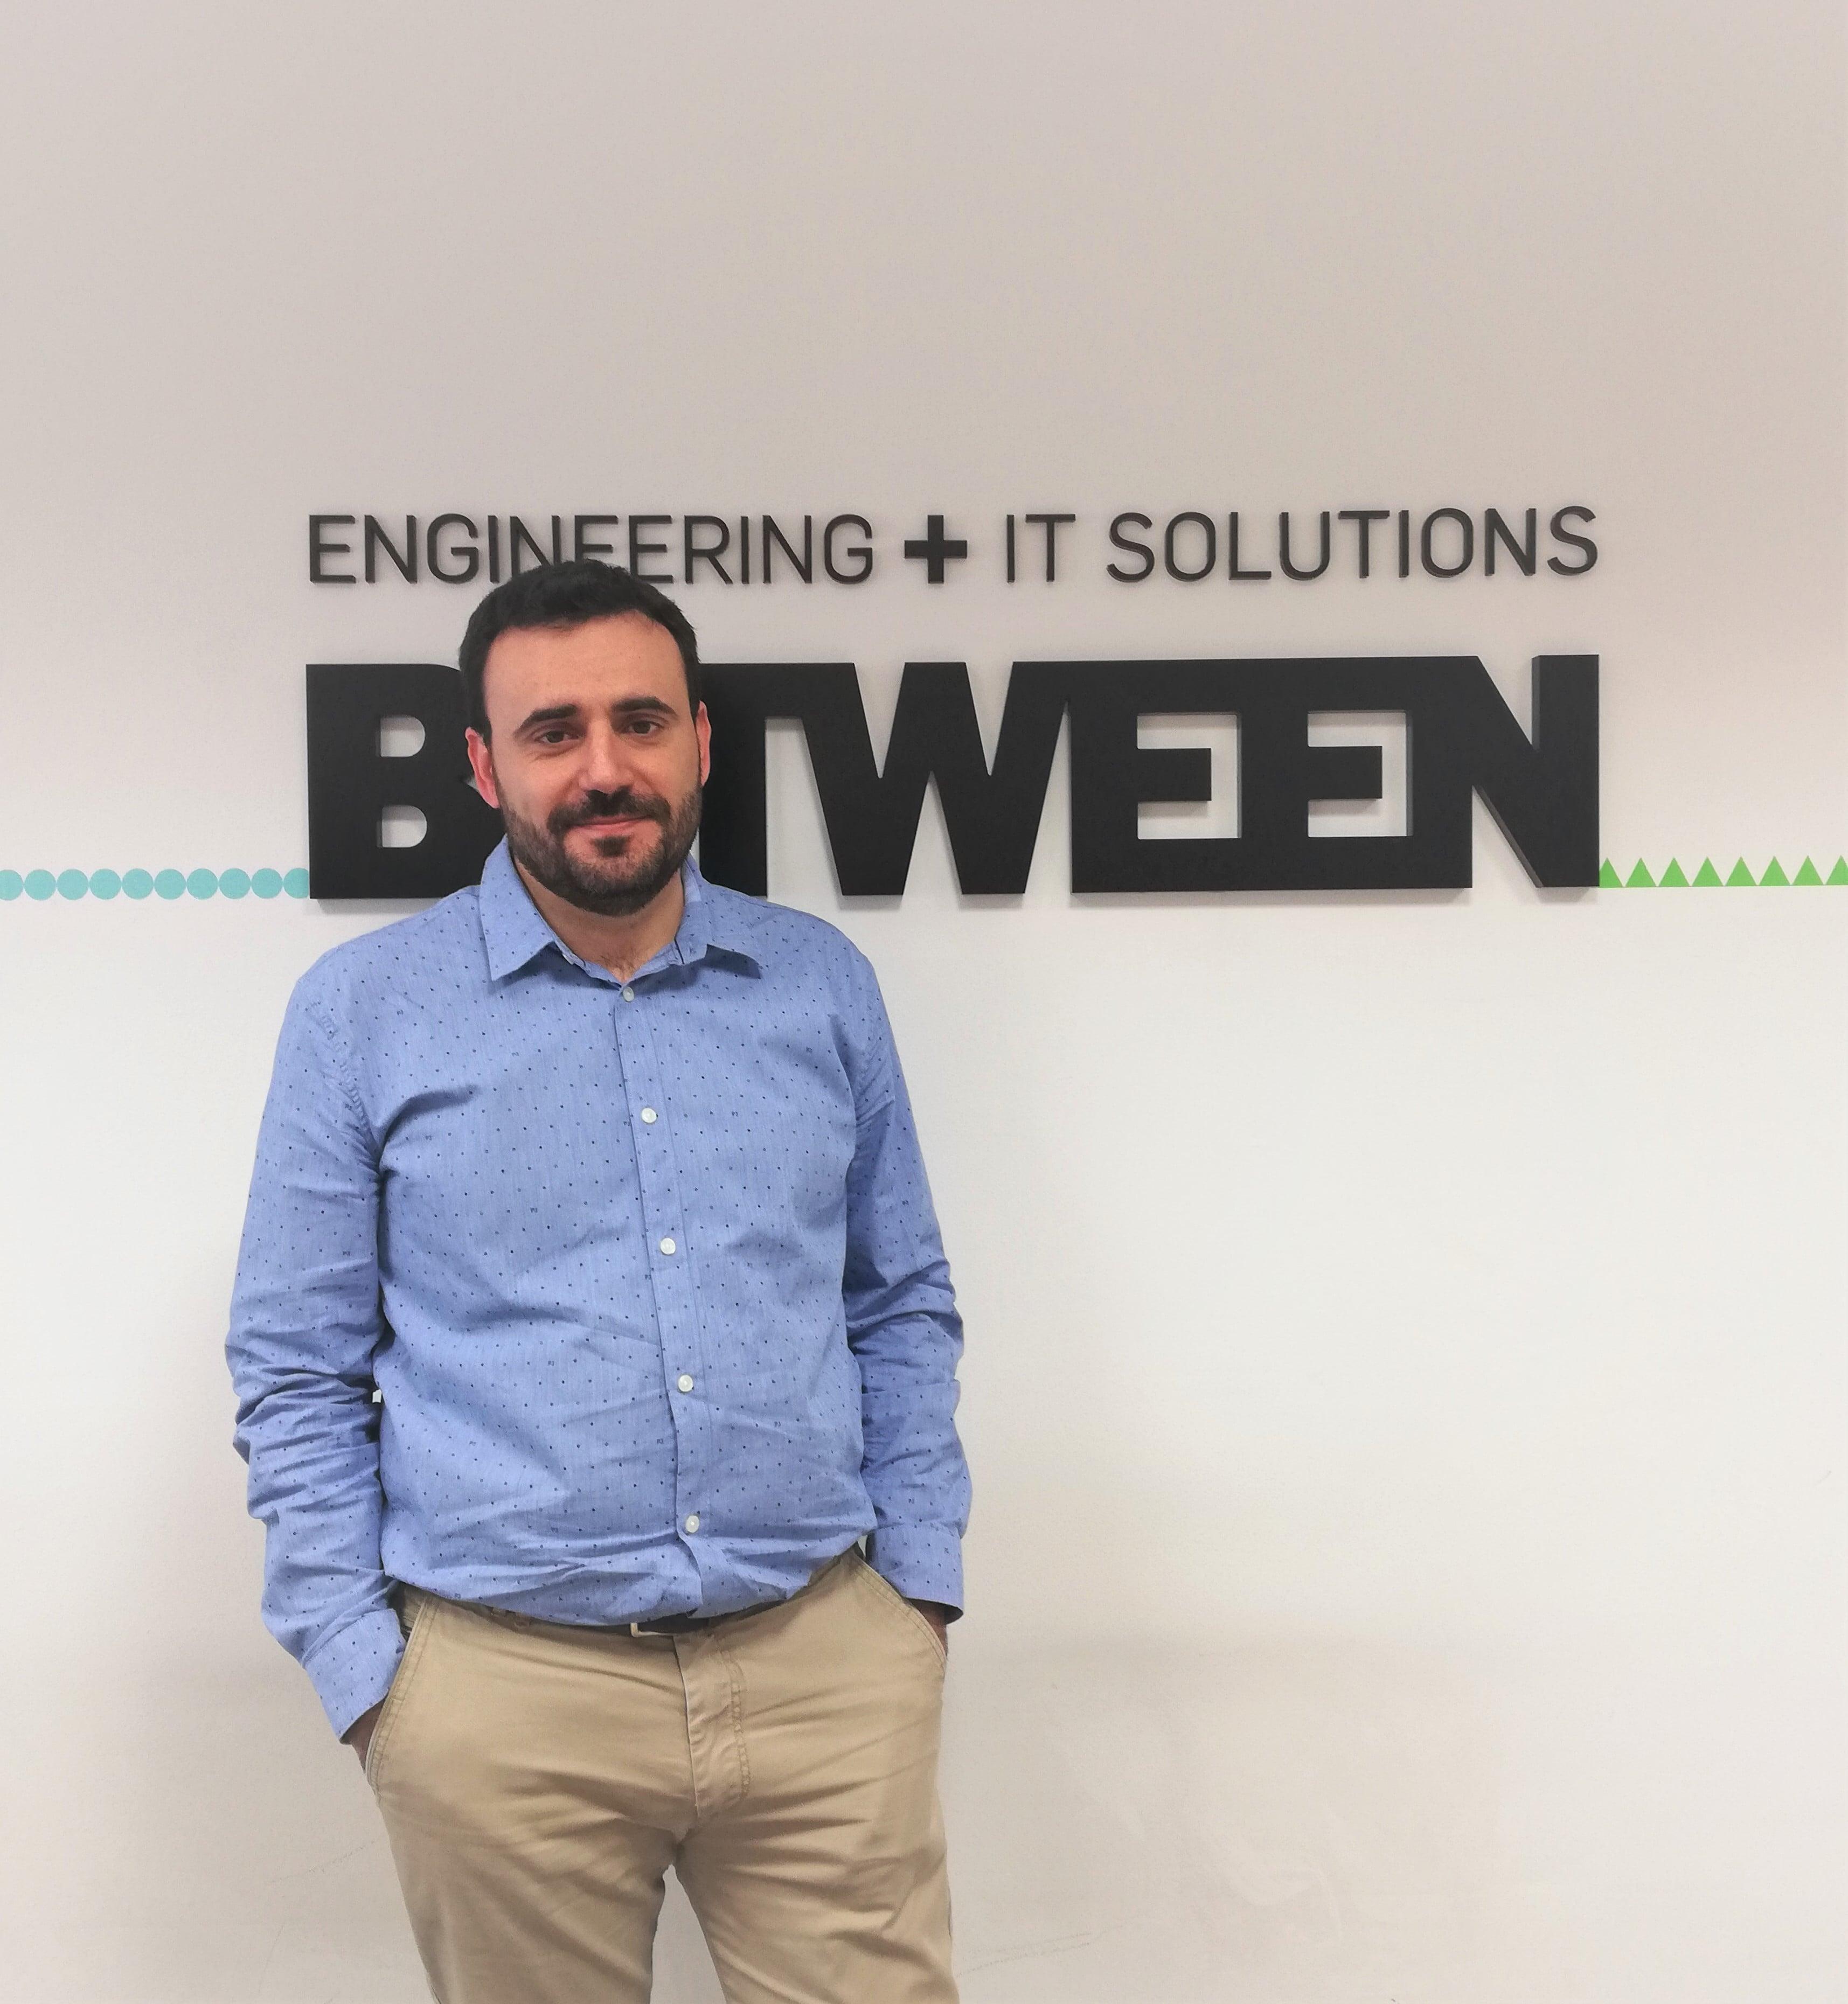 BETWEEN se embarca en su propia Transformación Digital, te presentamos al líder del proyecto